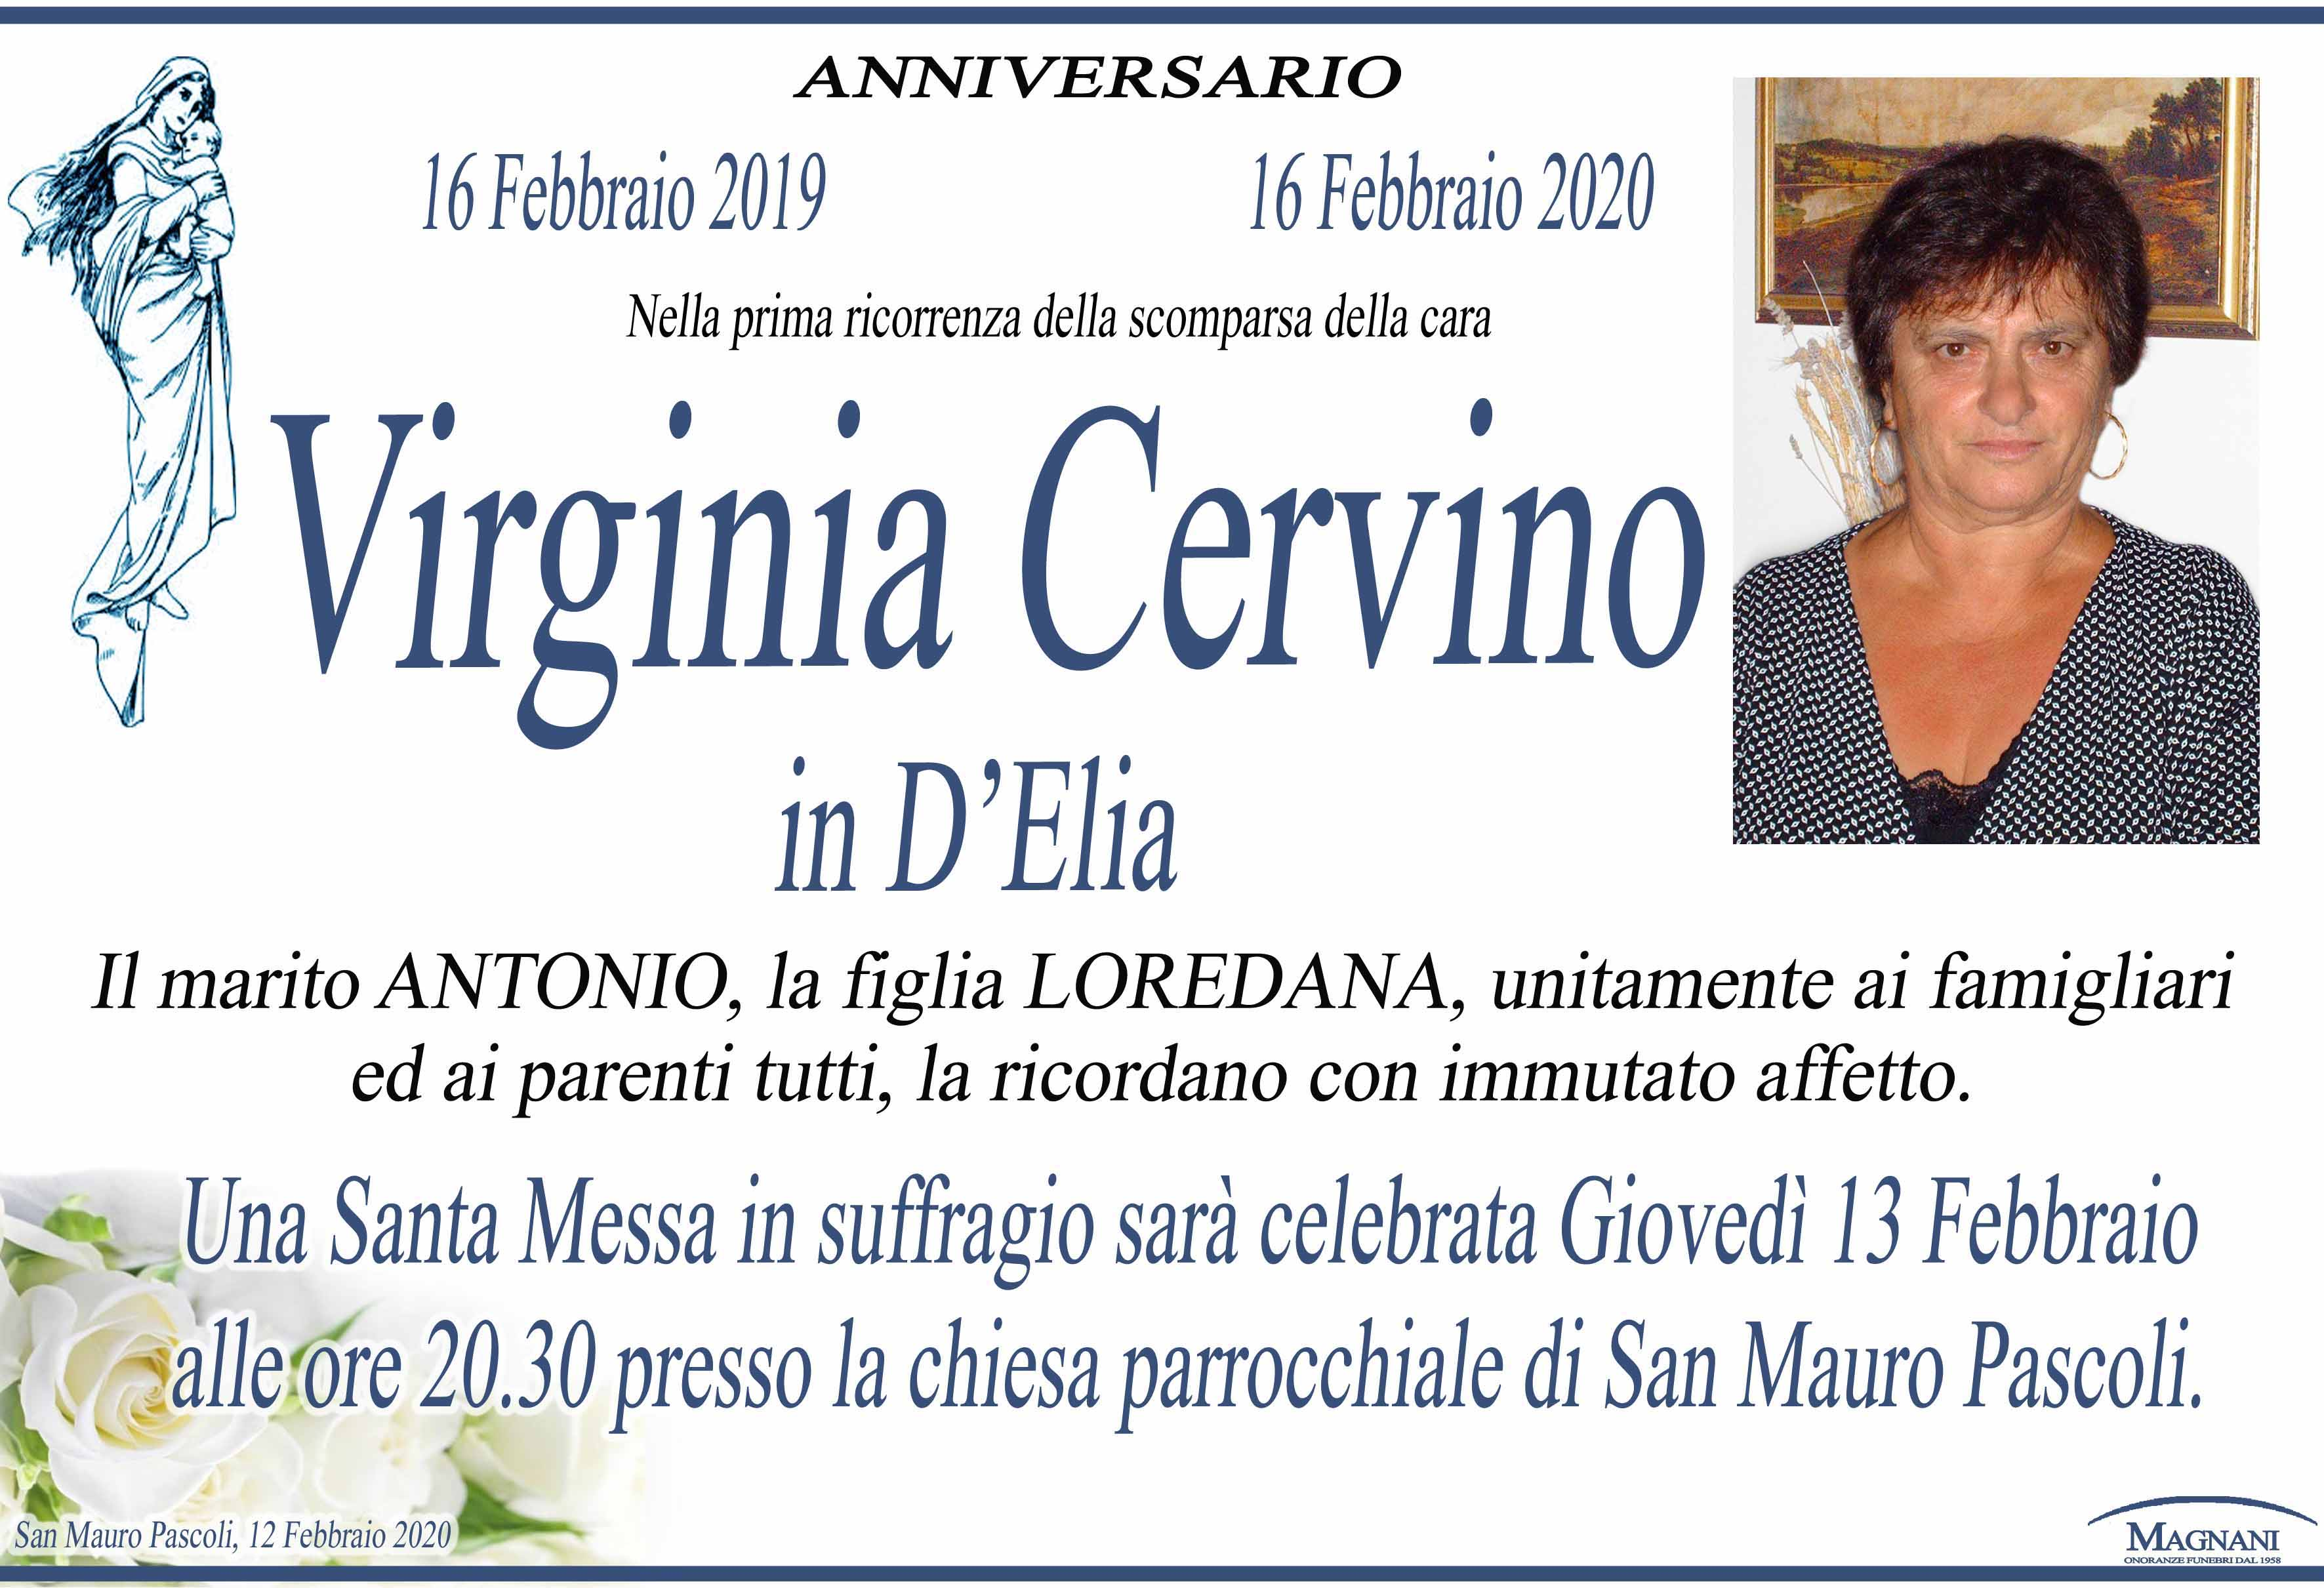 Virginia Cervino